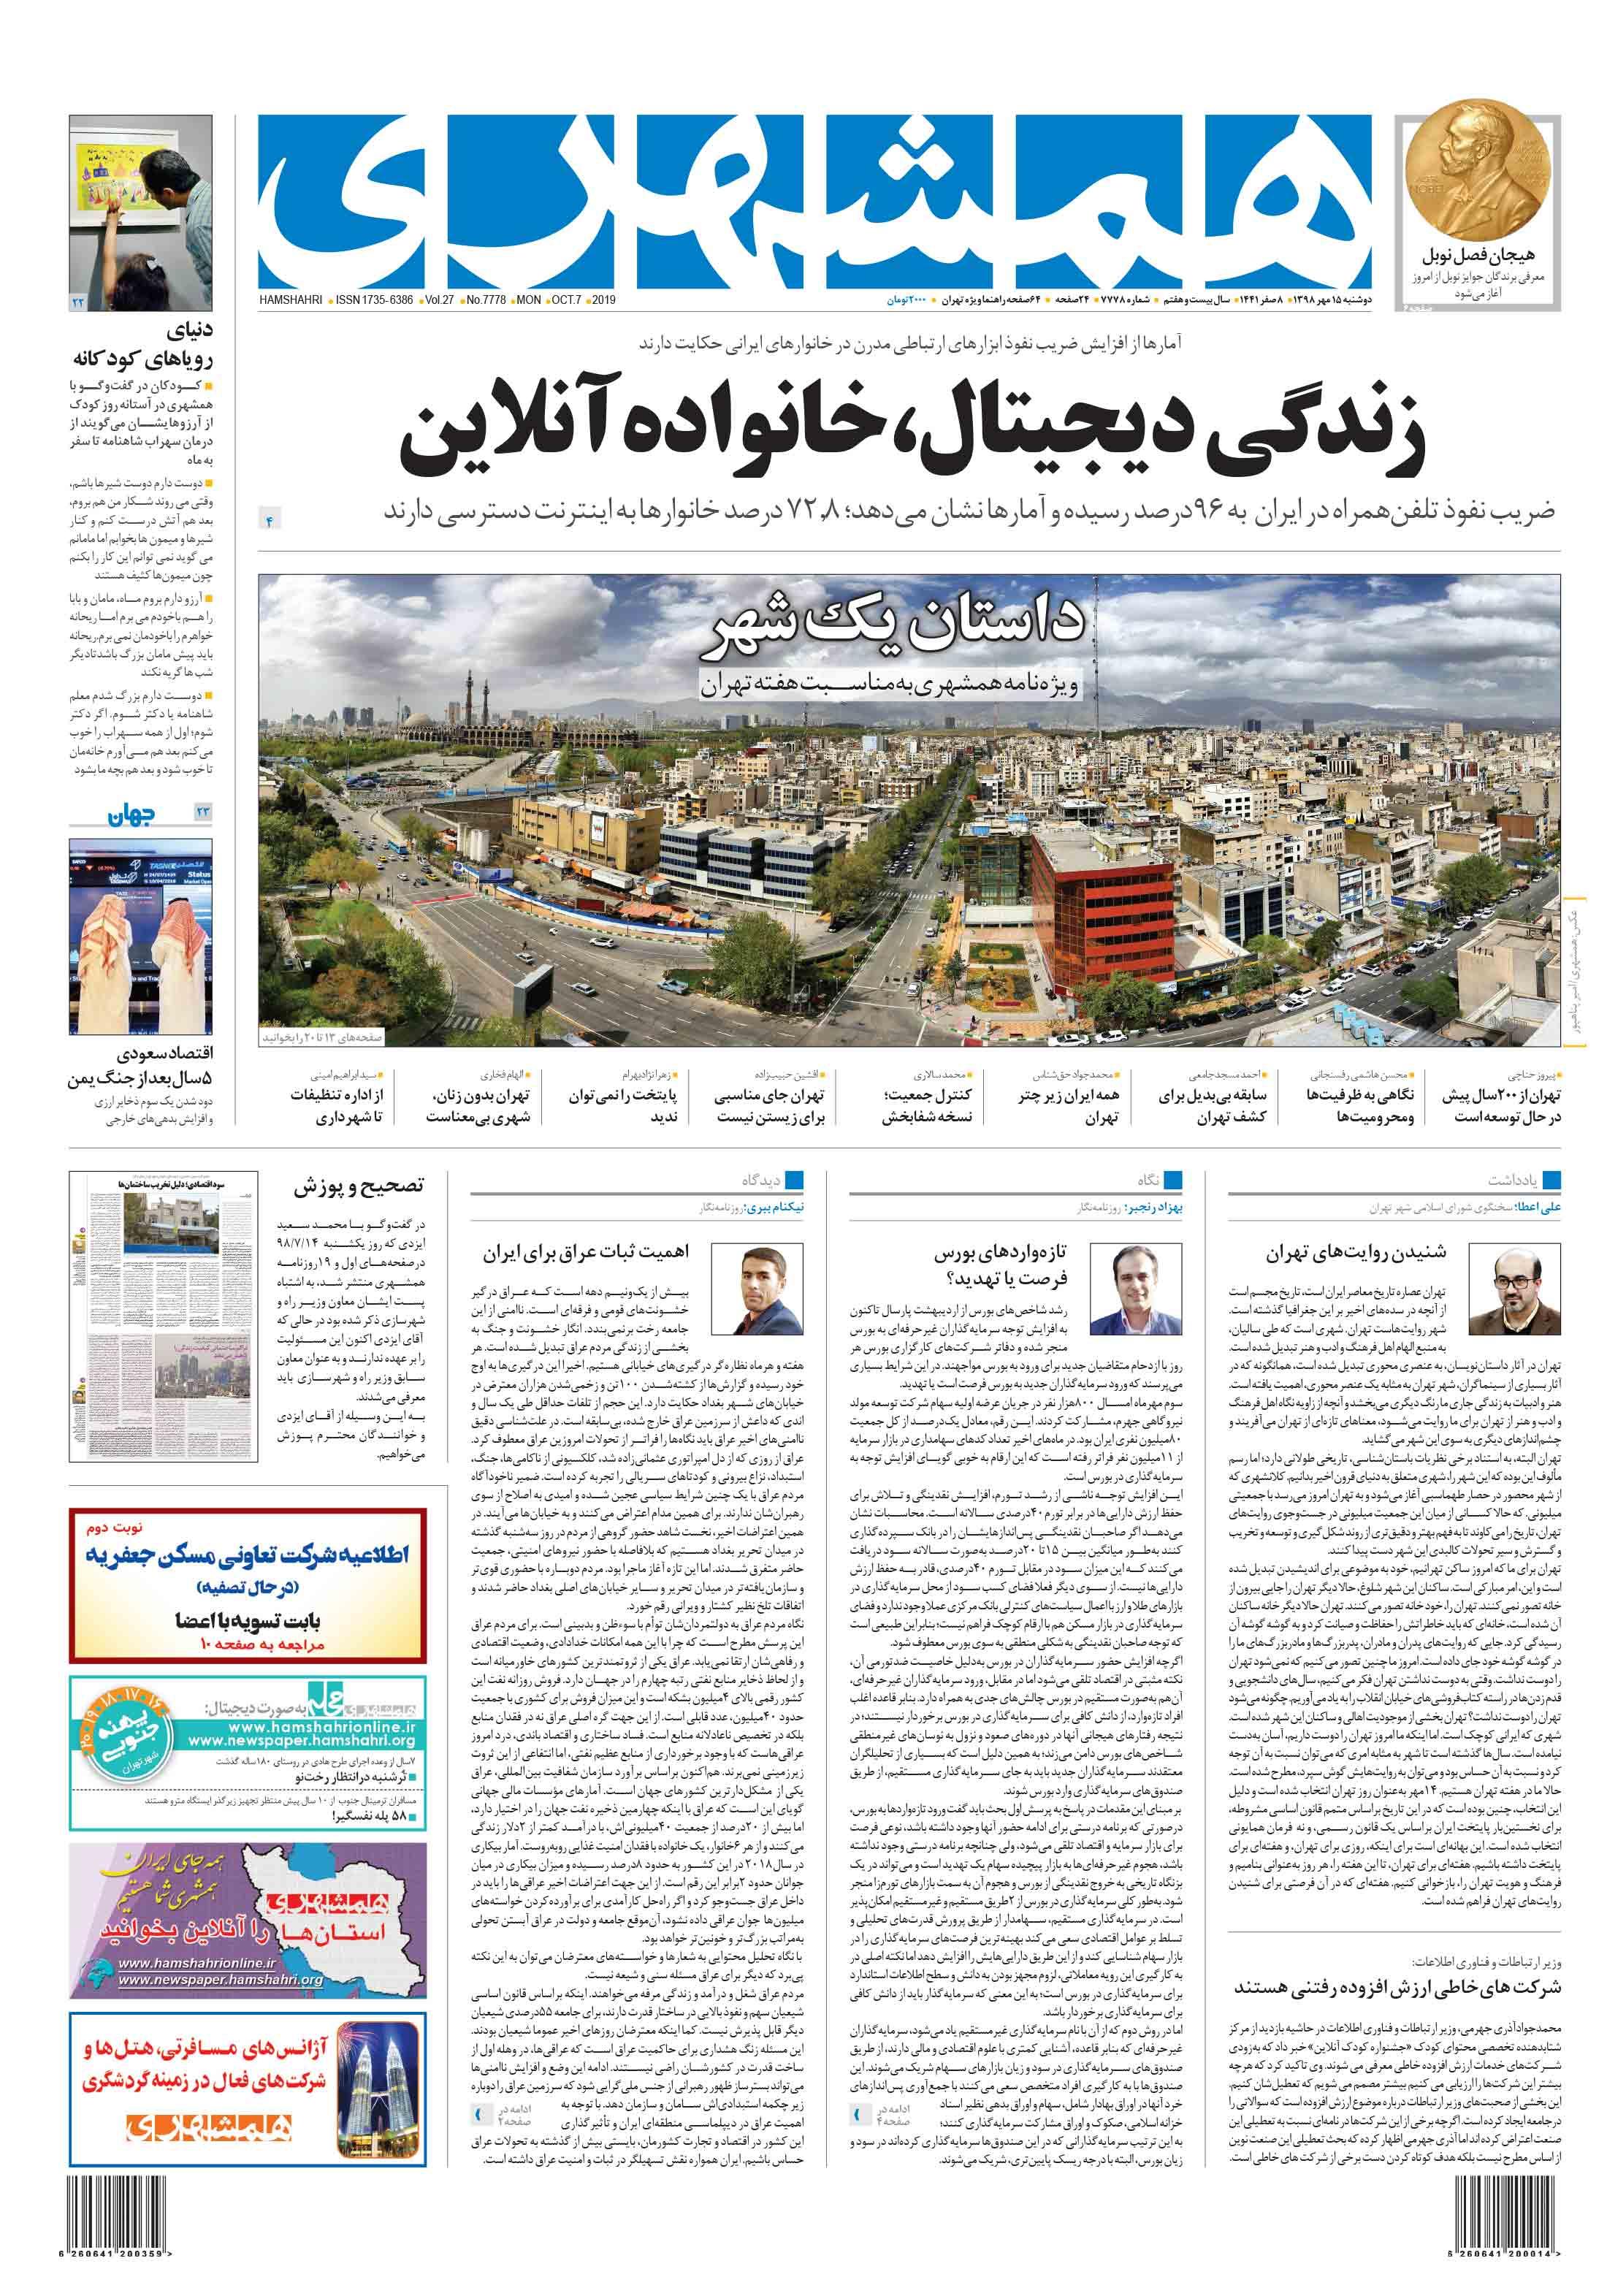 صفحه اول دوشنبه 15 مهر 1398